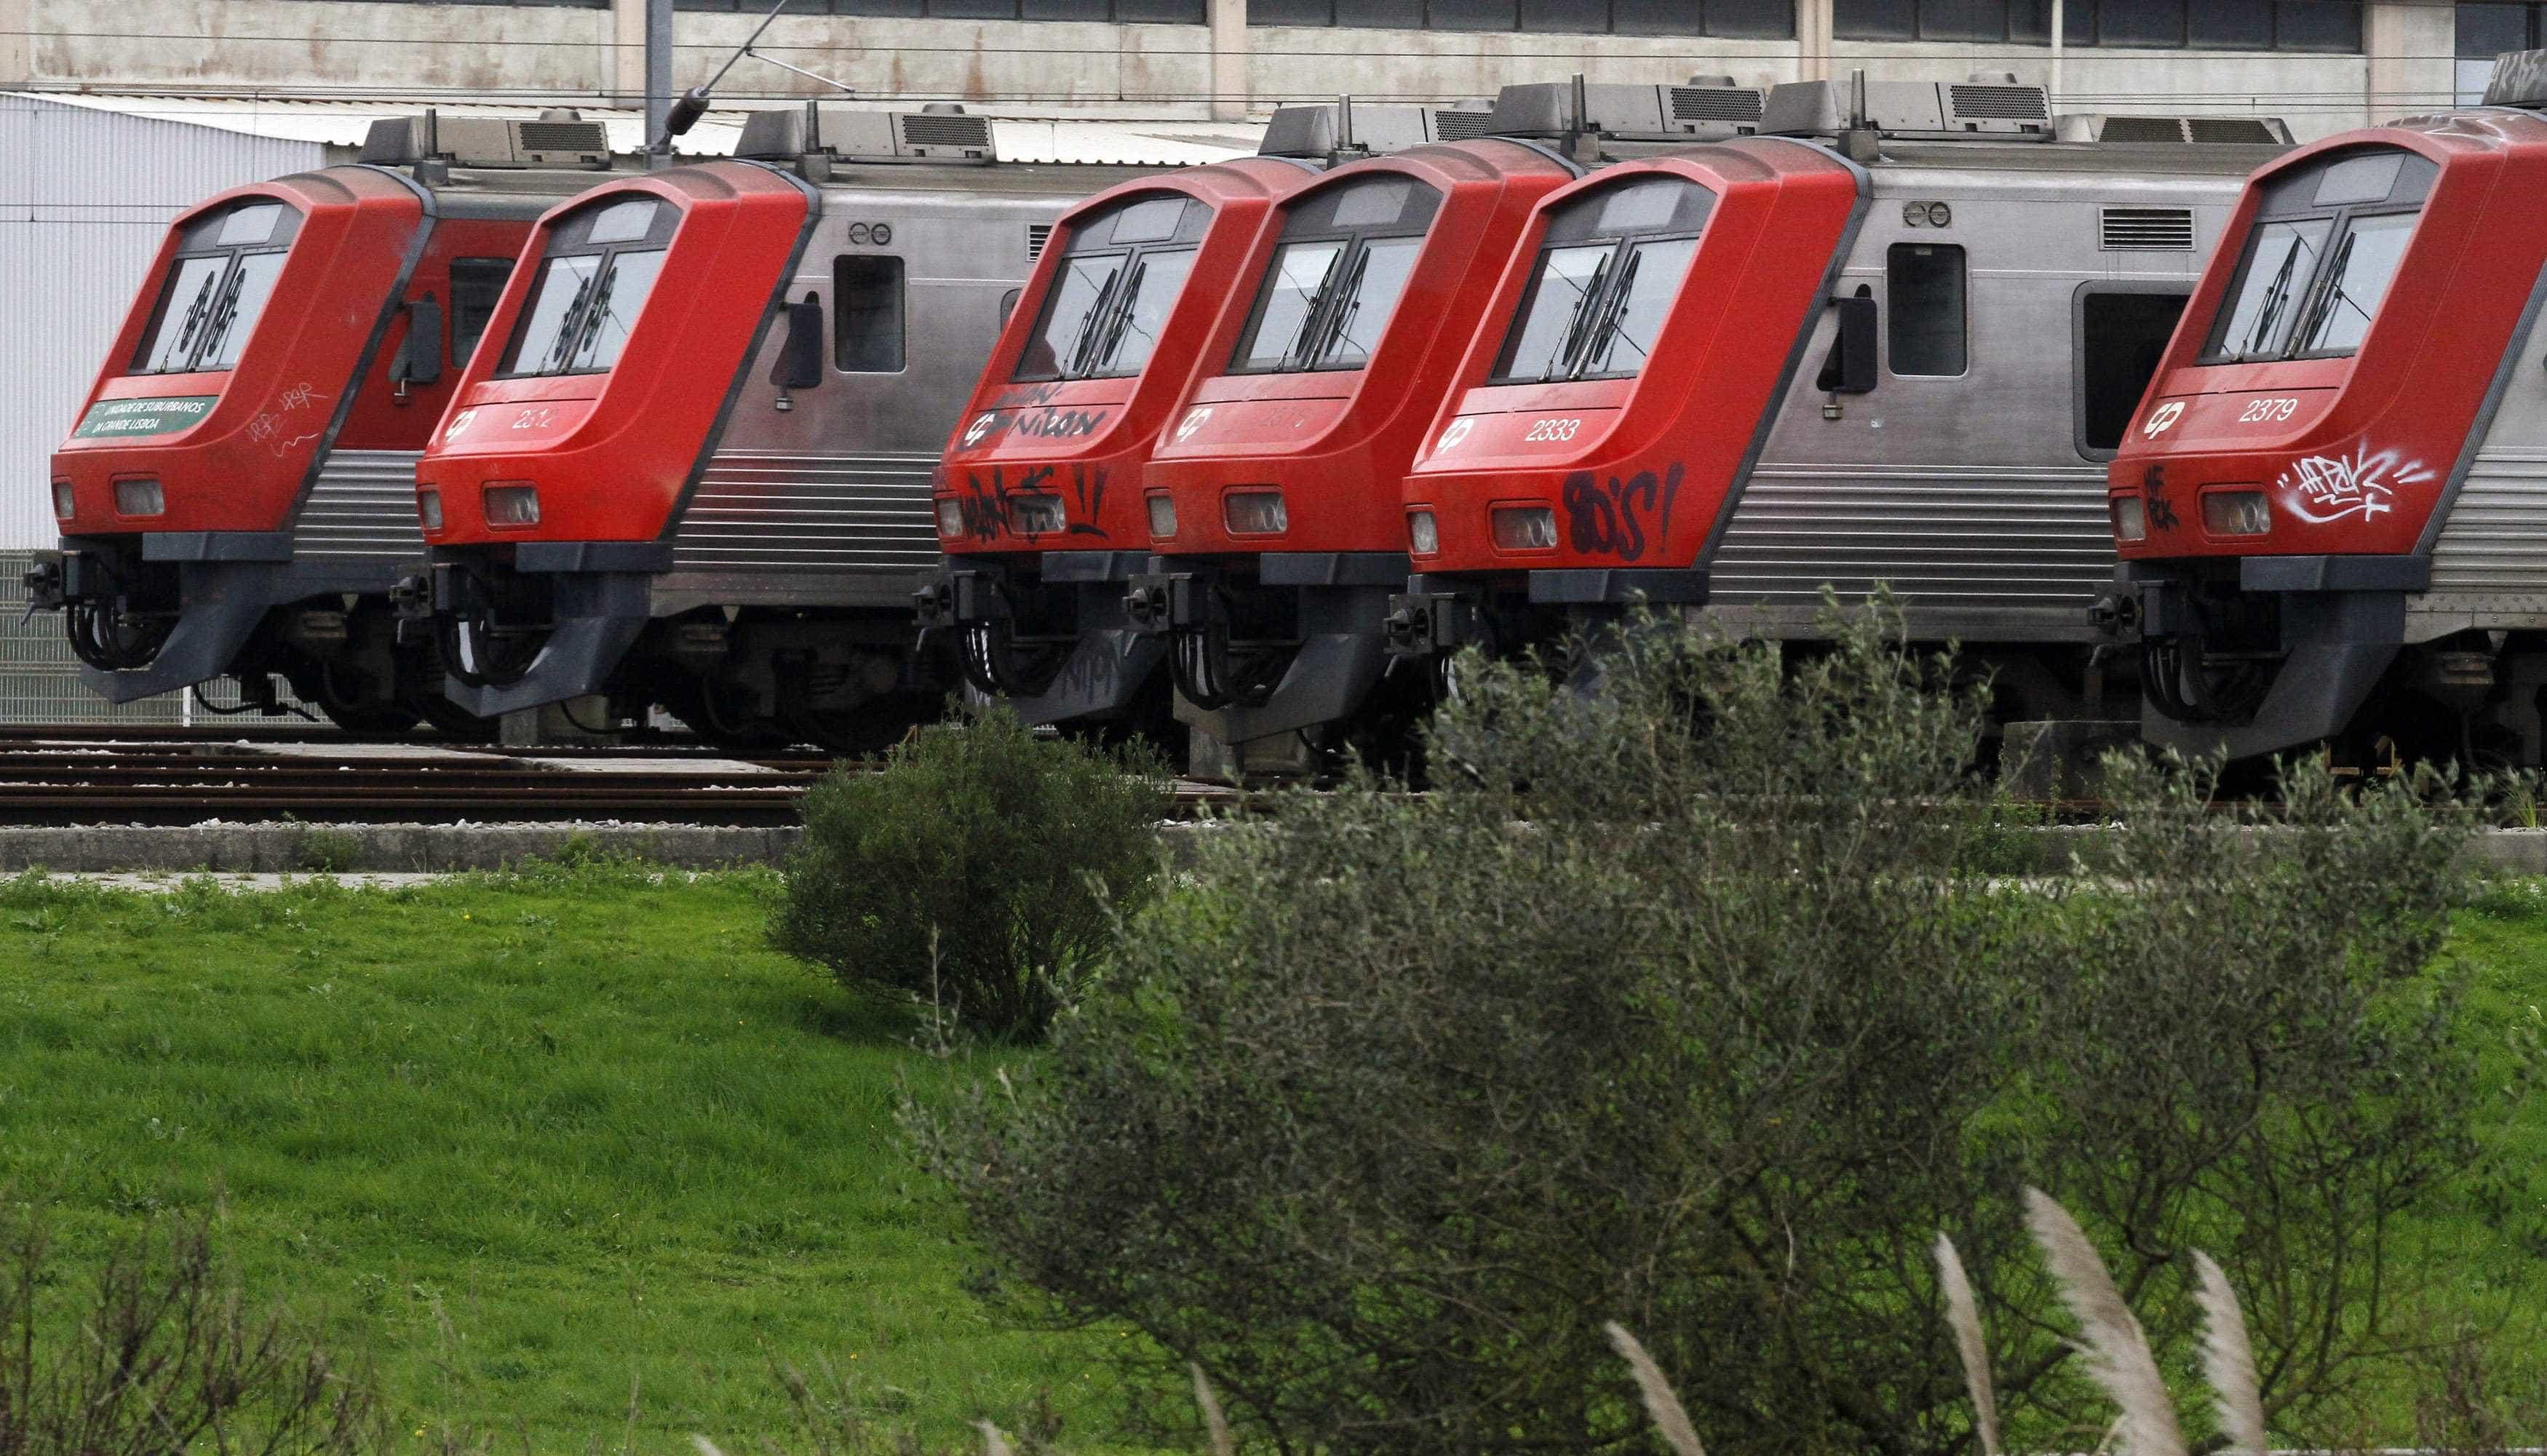 Greve dos ferroviários na próxima sexta-feira não terá serviços mínimos